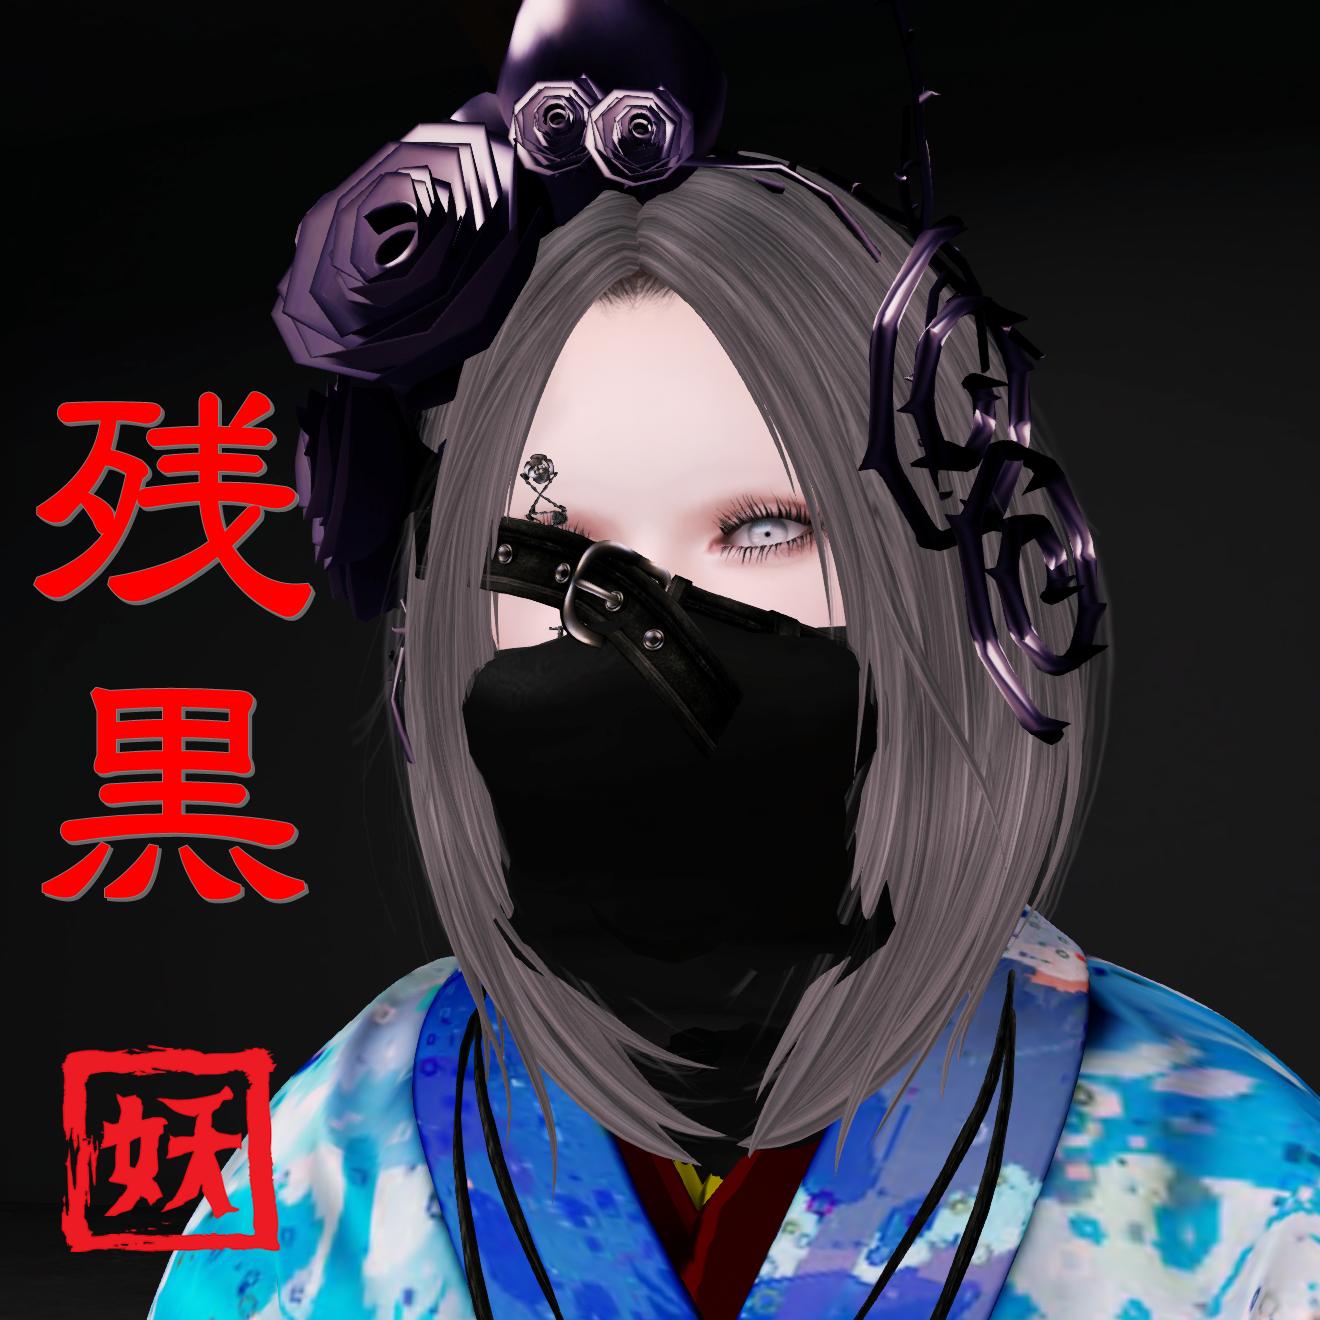 陰間 残黒【ざくろ】